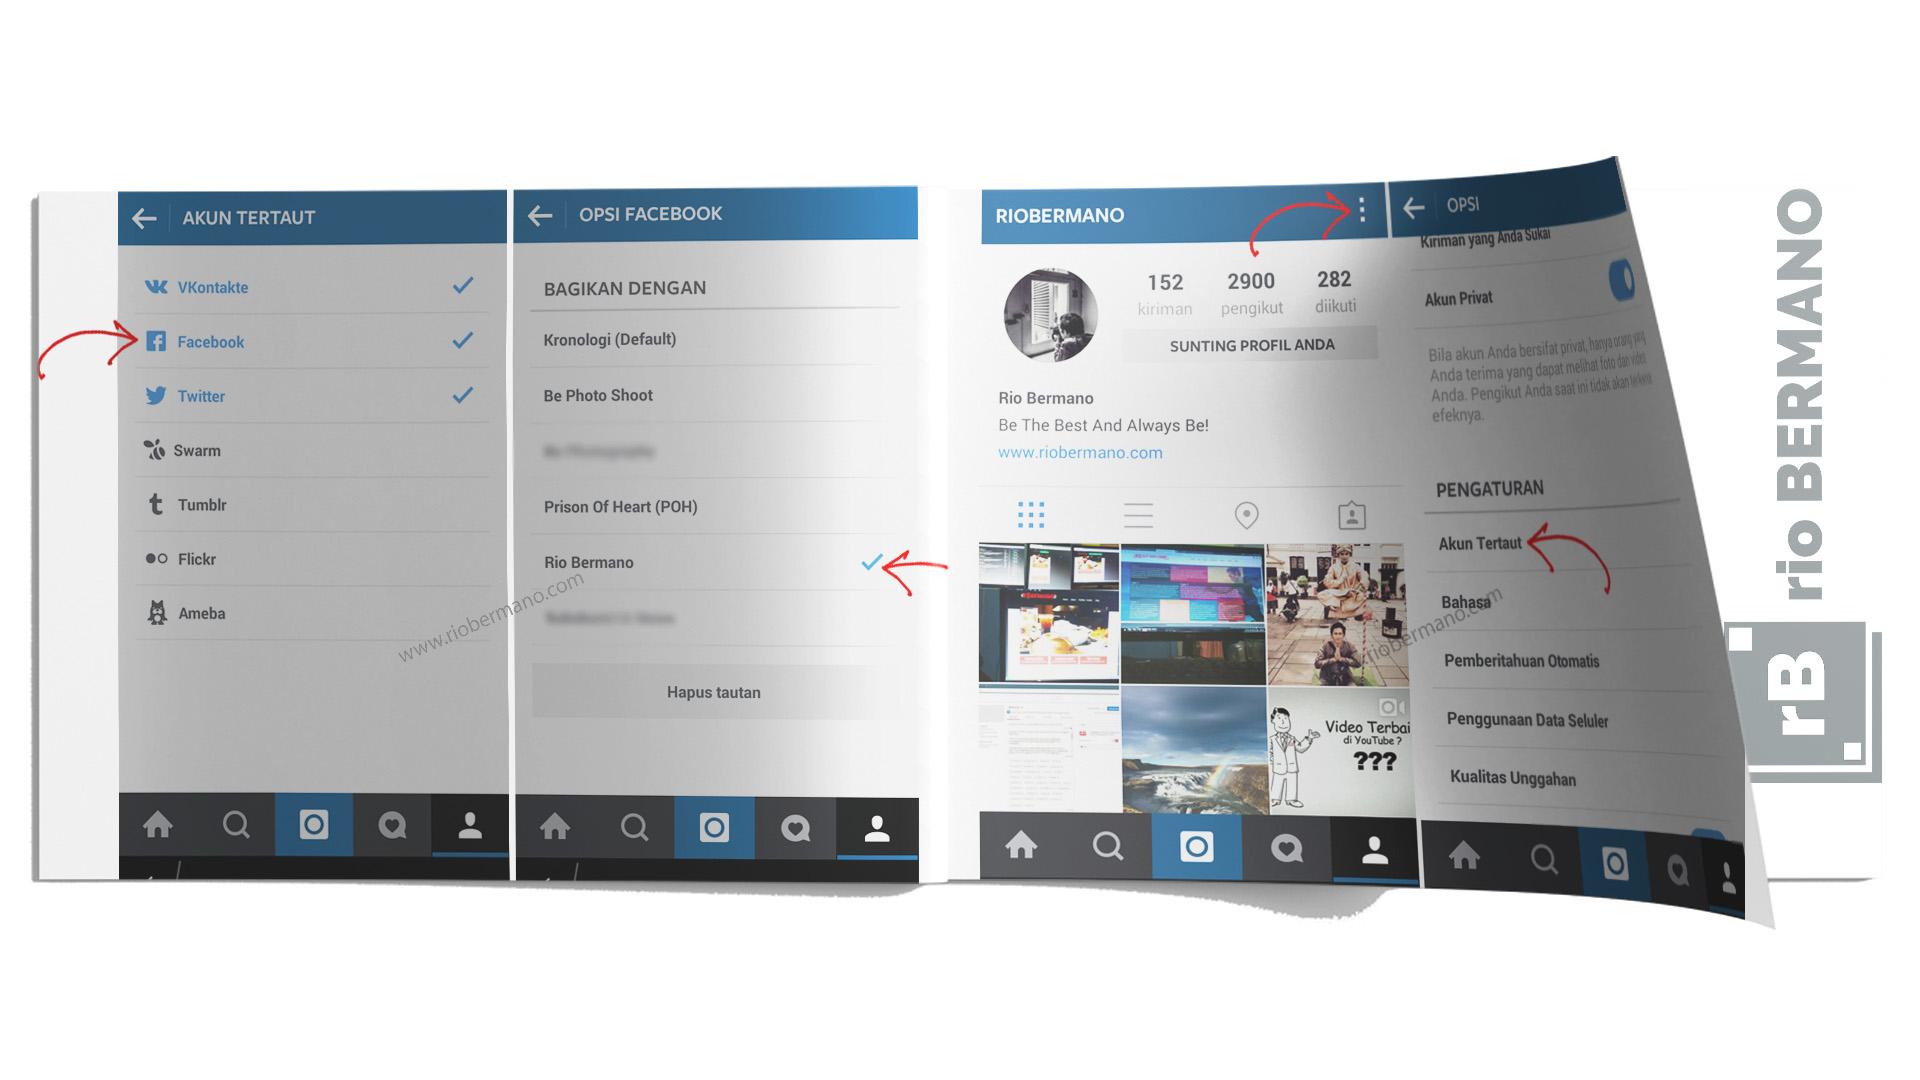 cara menautkan medsos lain ke instagram - rio bermano